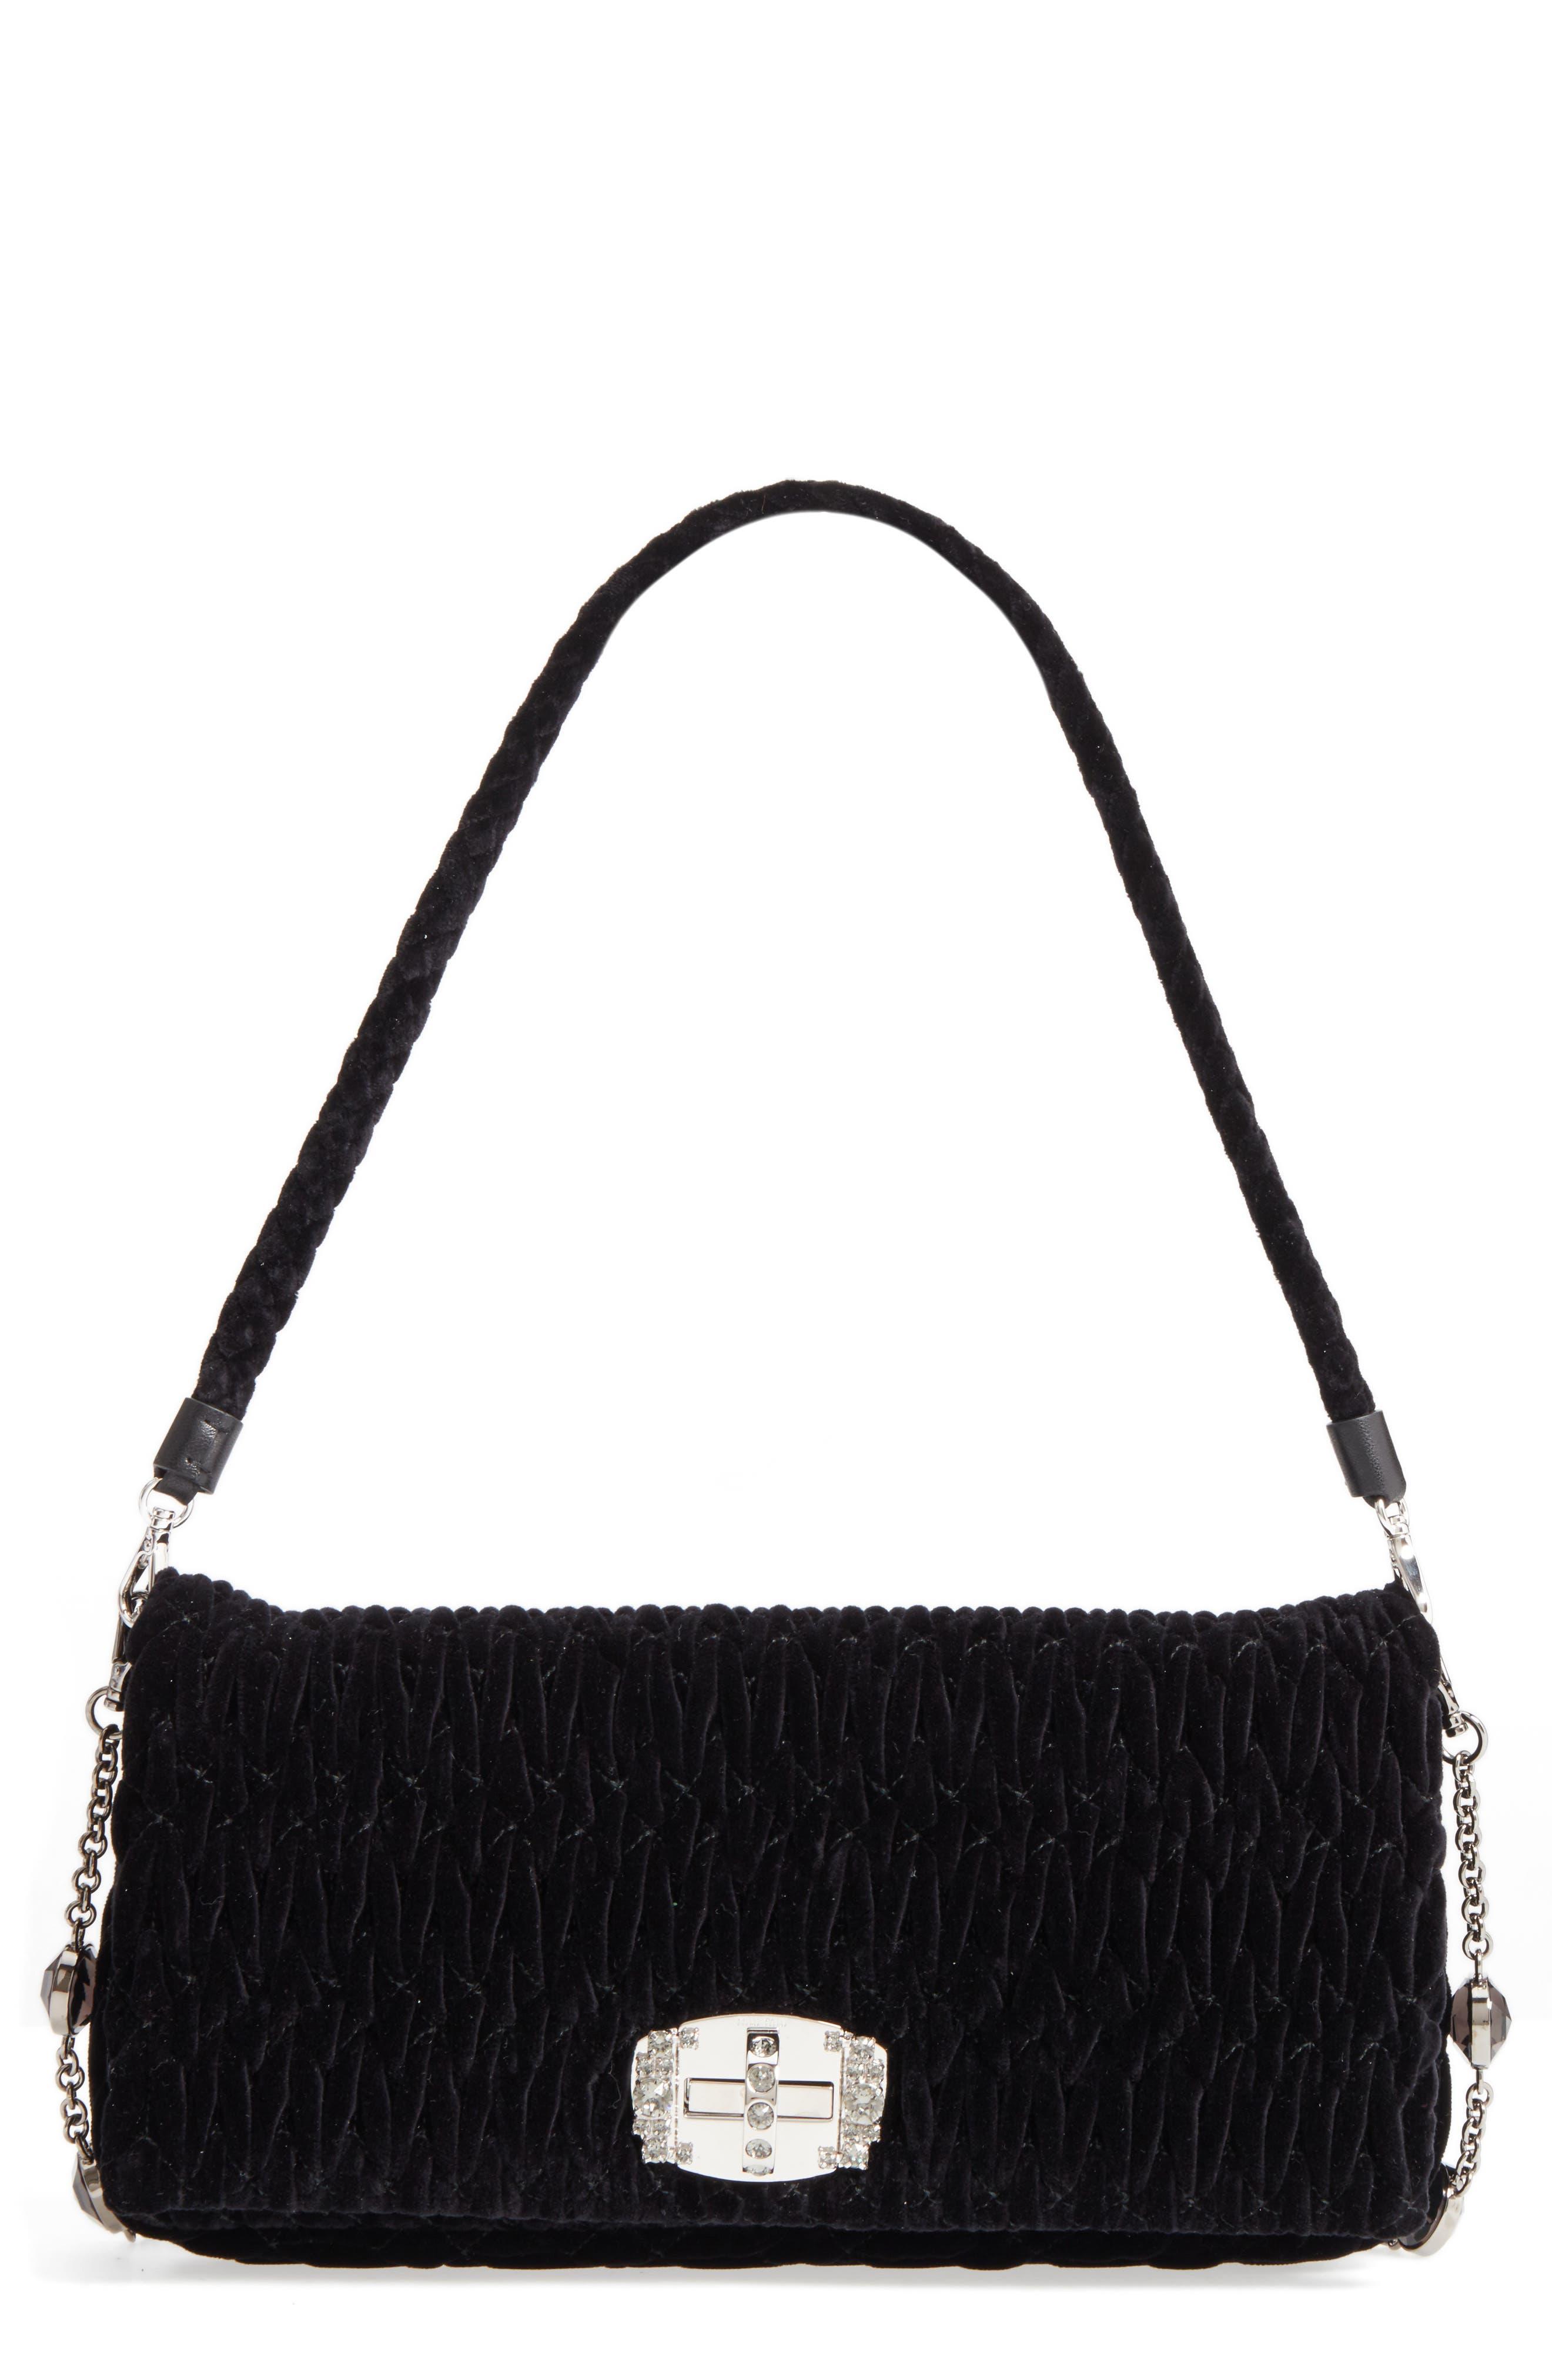 Alternate Image 1 Selected - Miu Miu Medium Crystal Embellished Quilted Velvet Shoulder Bag